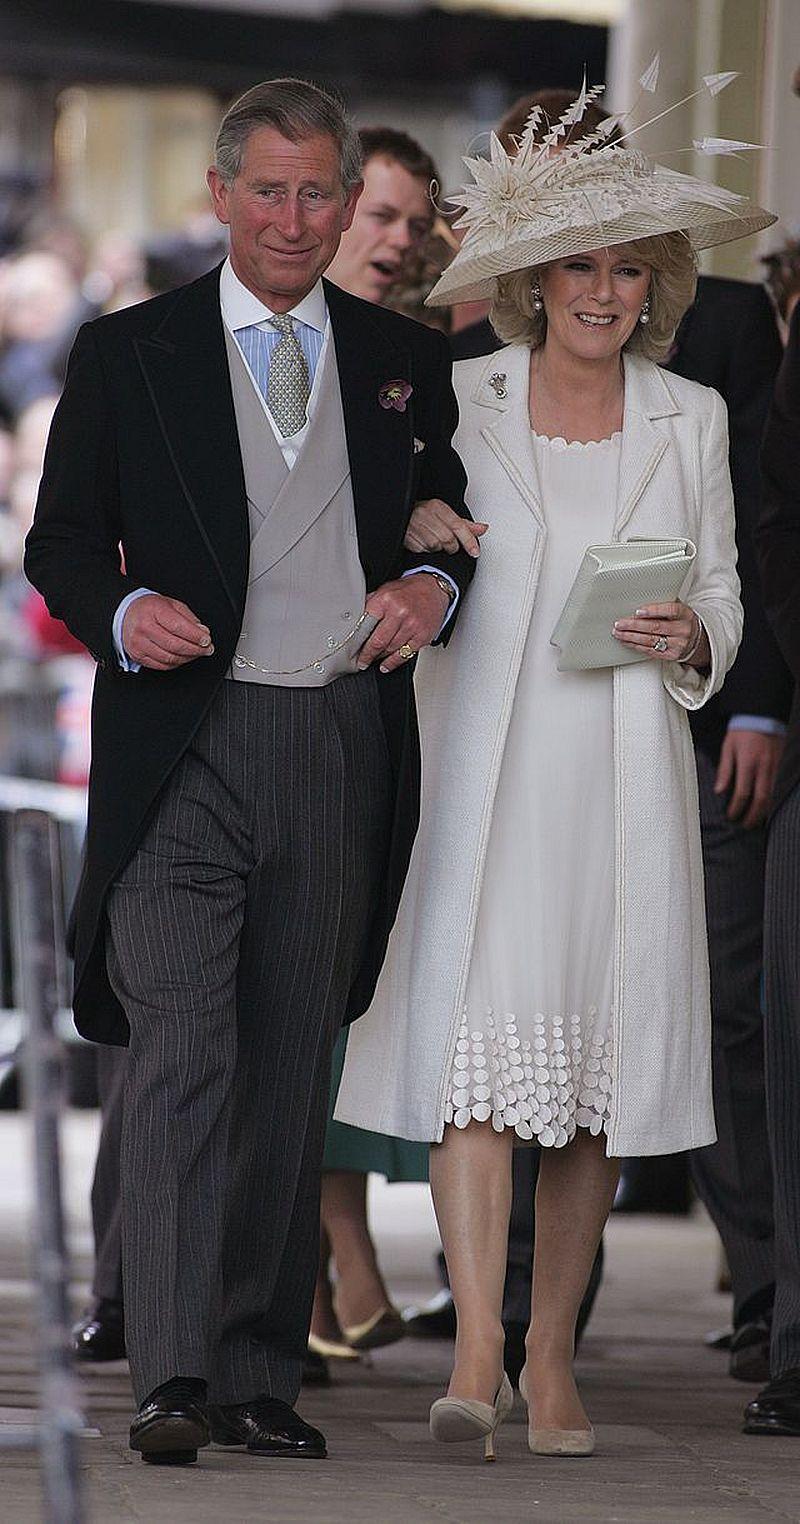 Książę Karol i księżna Camilla złożyli papiery ROZWODOWE